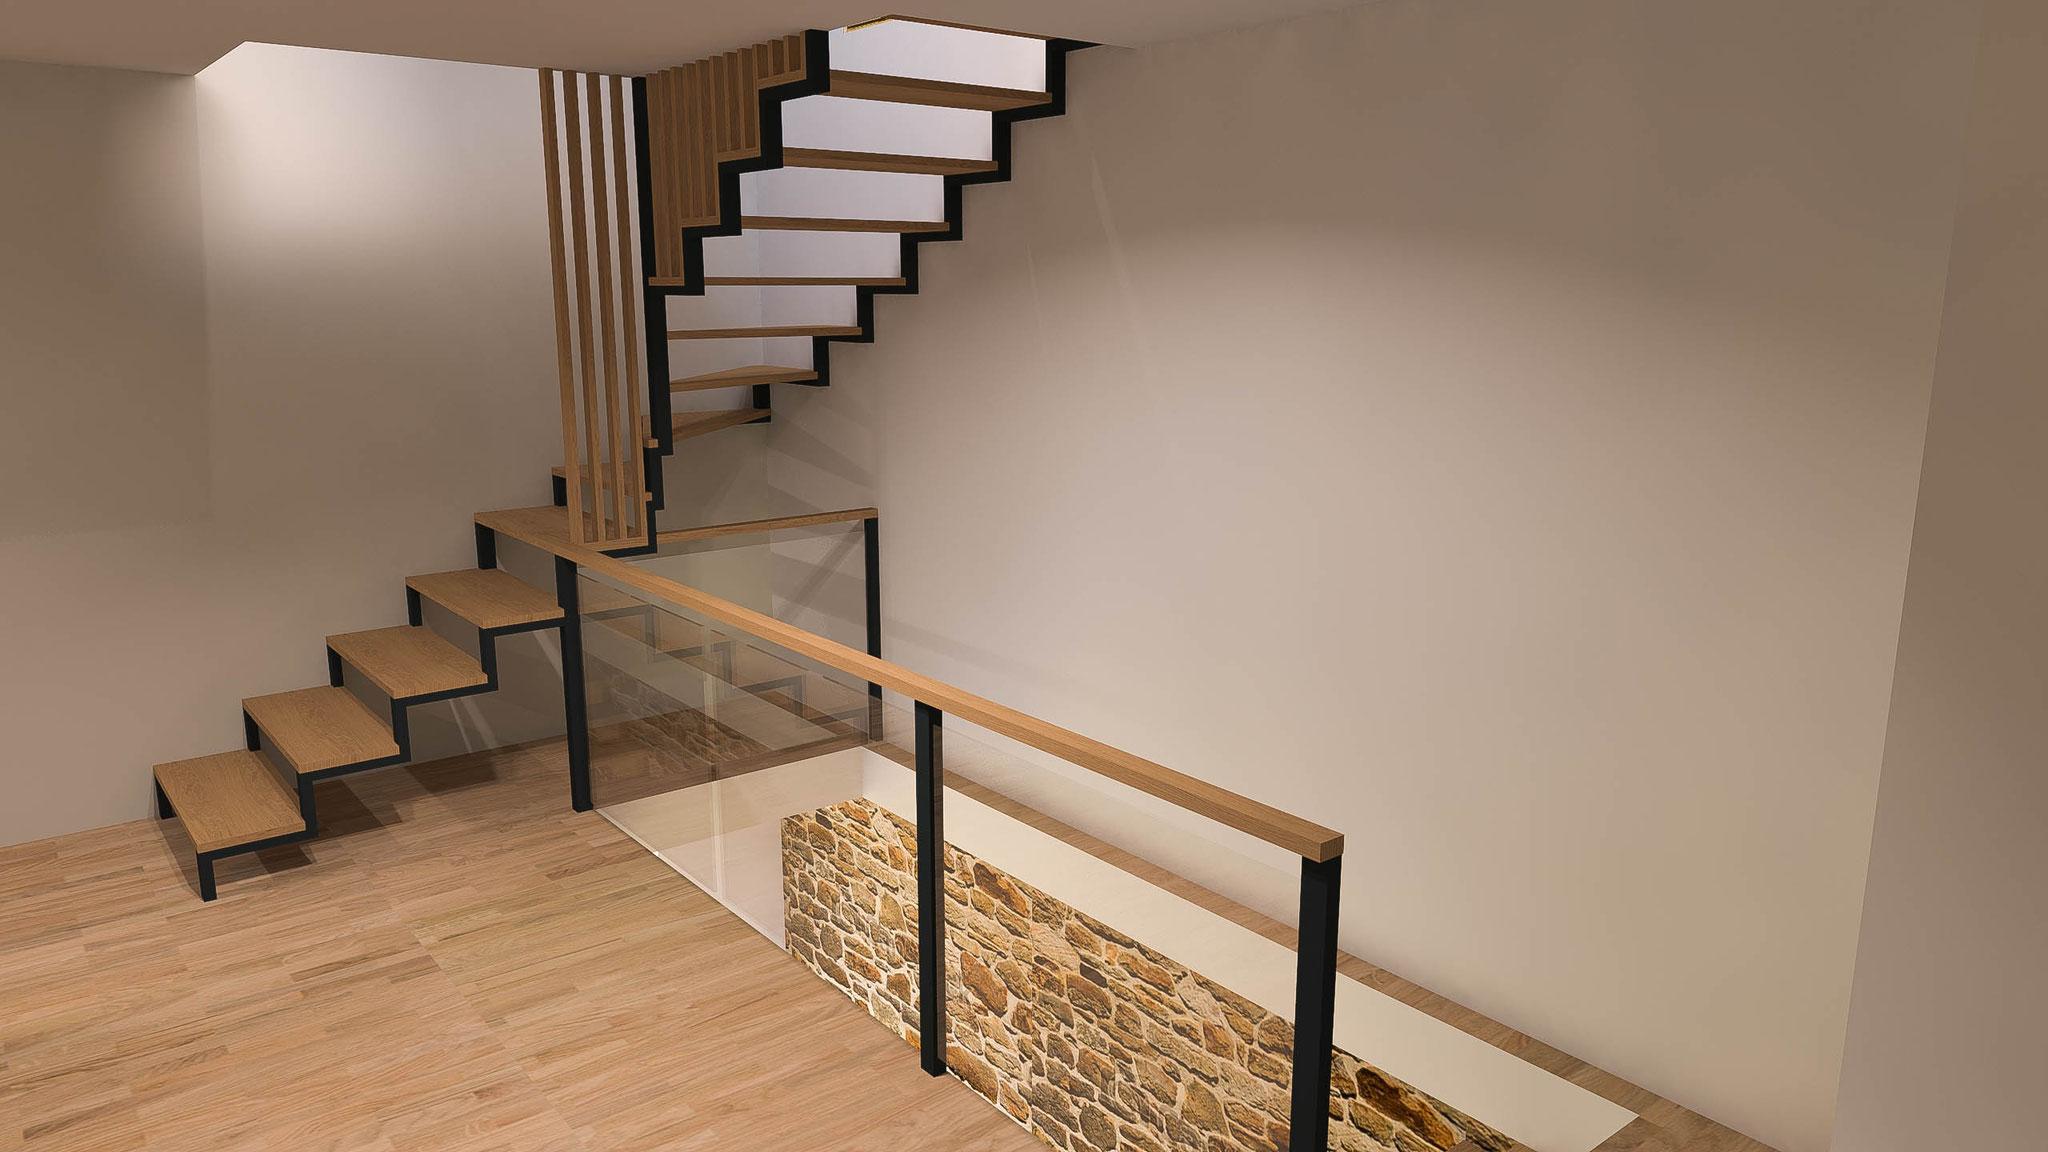 Projet 3d r novation agencement home switch home 3d for Comble faible hauteur